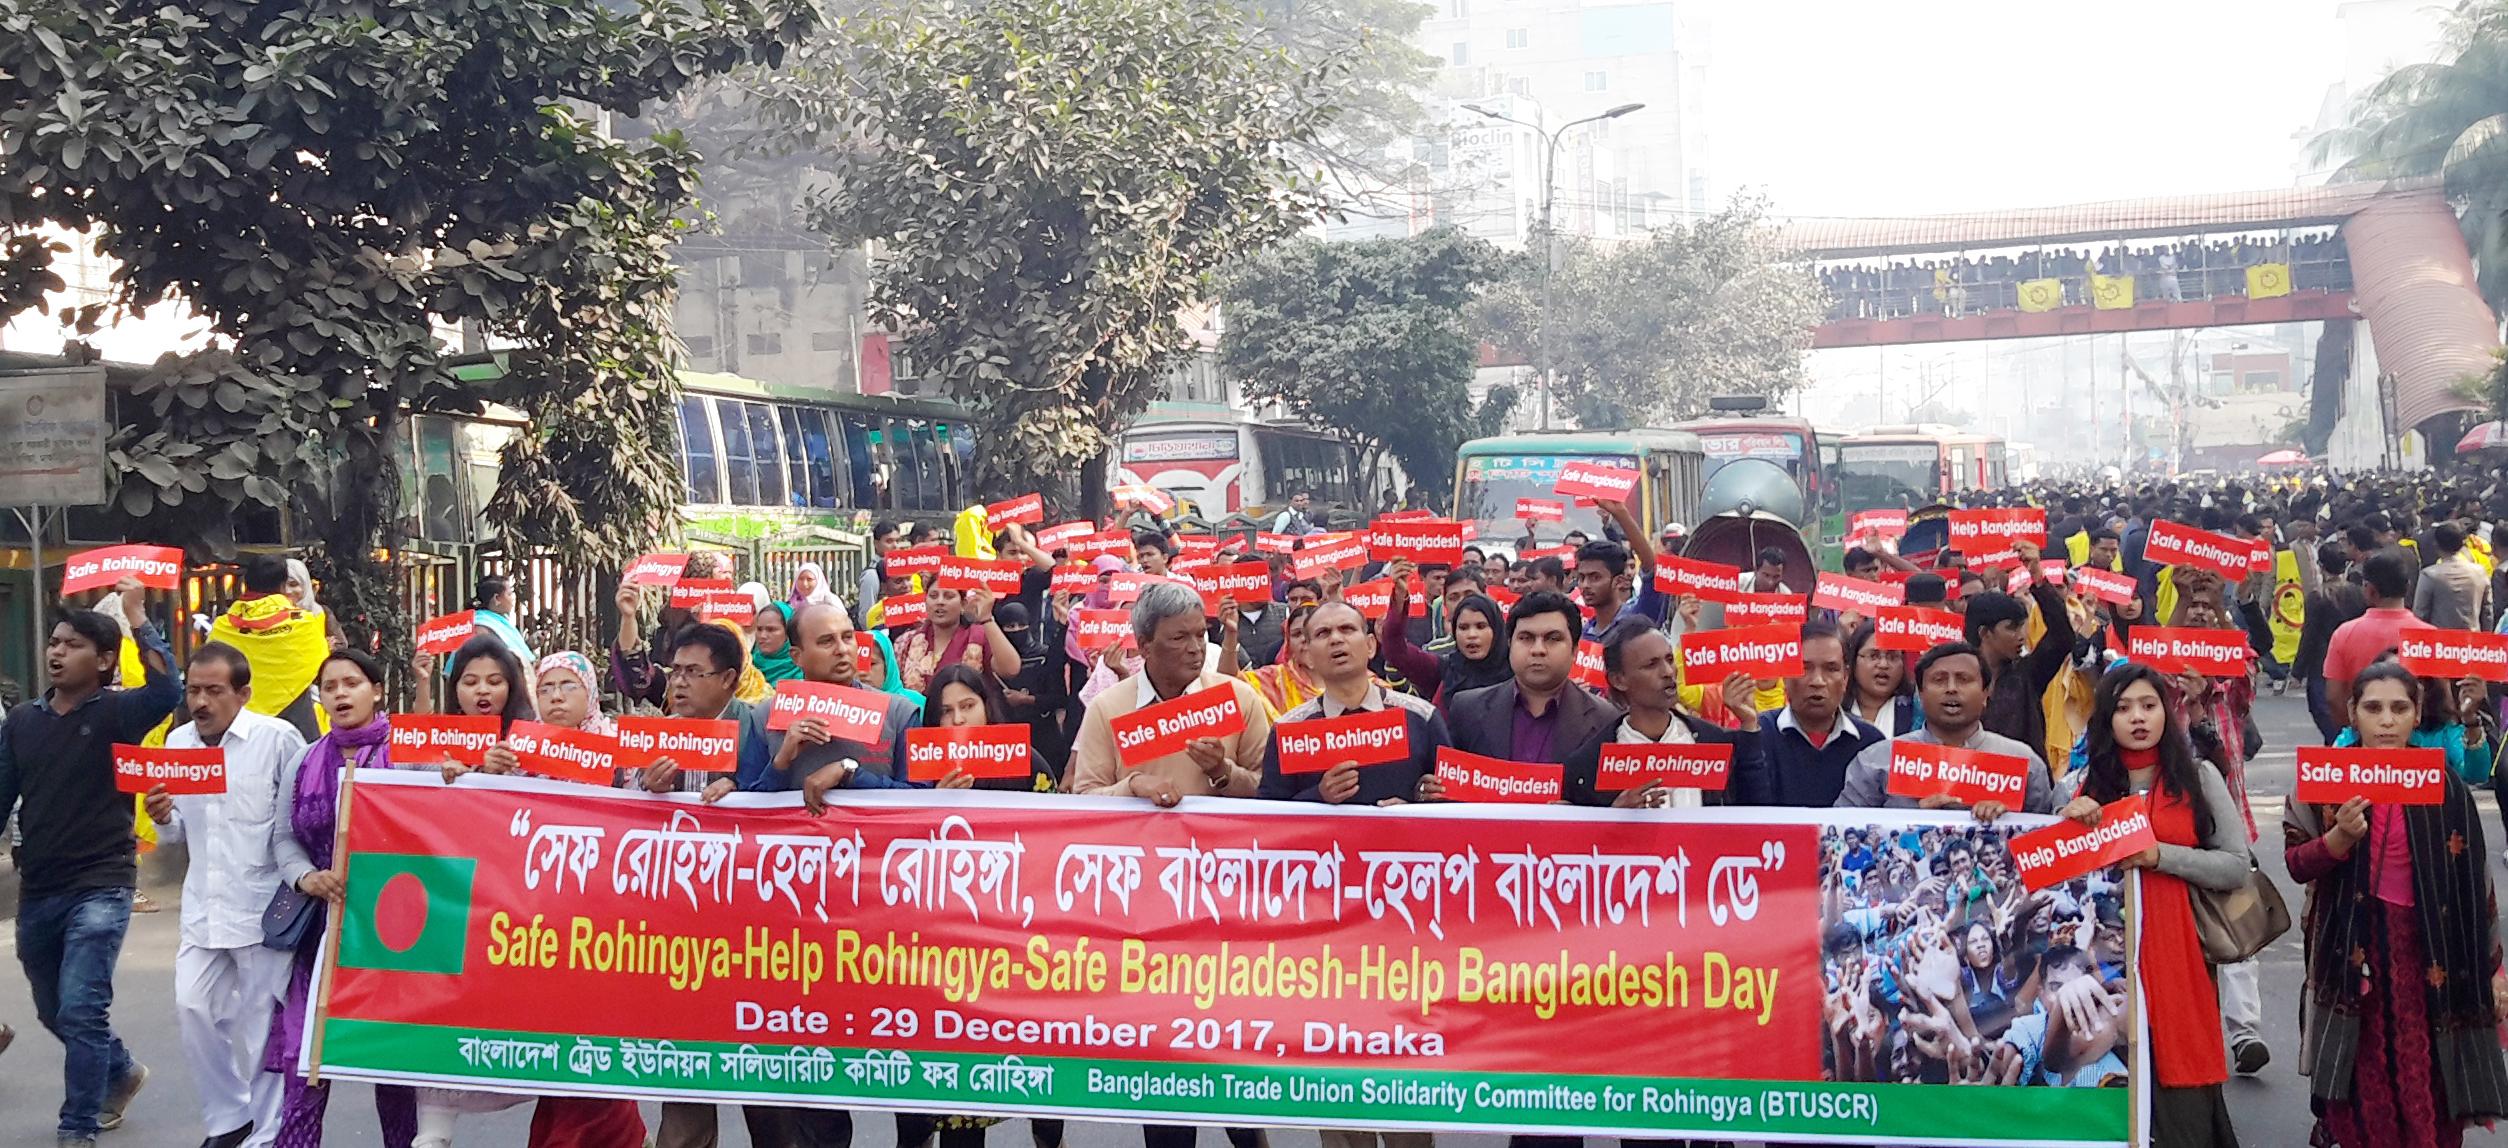 'Save Rohingya—Help Rohingya, Save Bangladesh—Help Bangladesh Day' observed in Dhaka